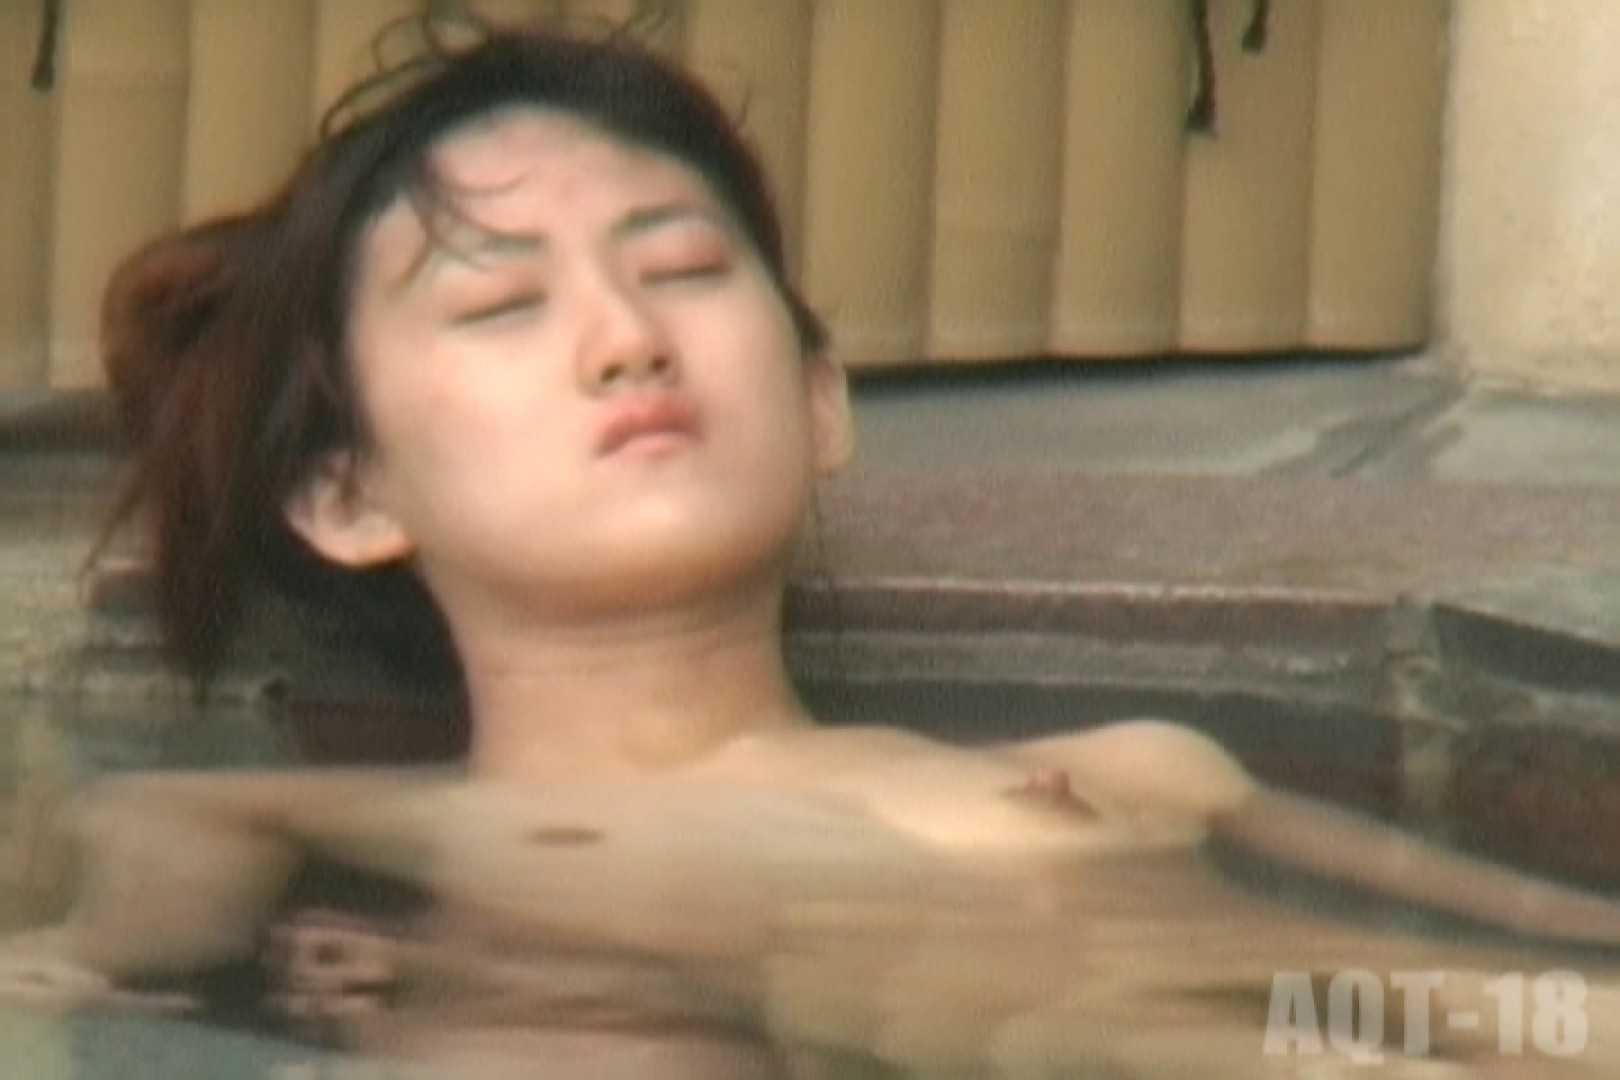 Aquaな露天風呂Vol.862 露天   OLエロ画像  92PICs 67